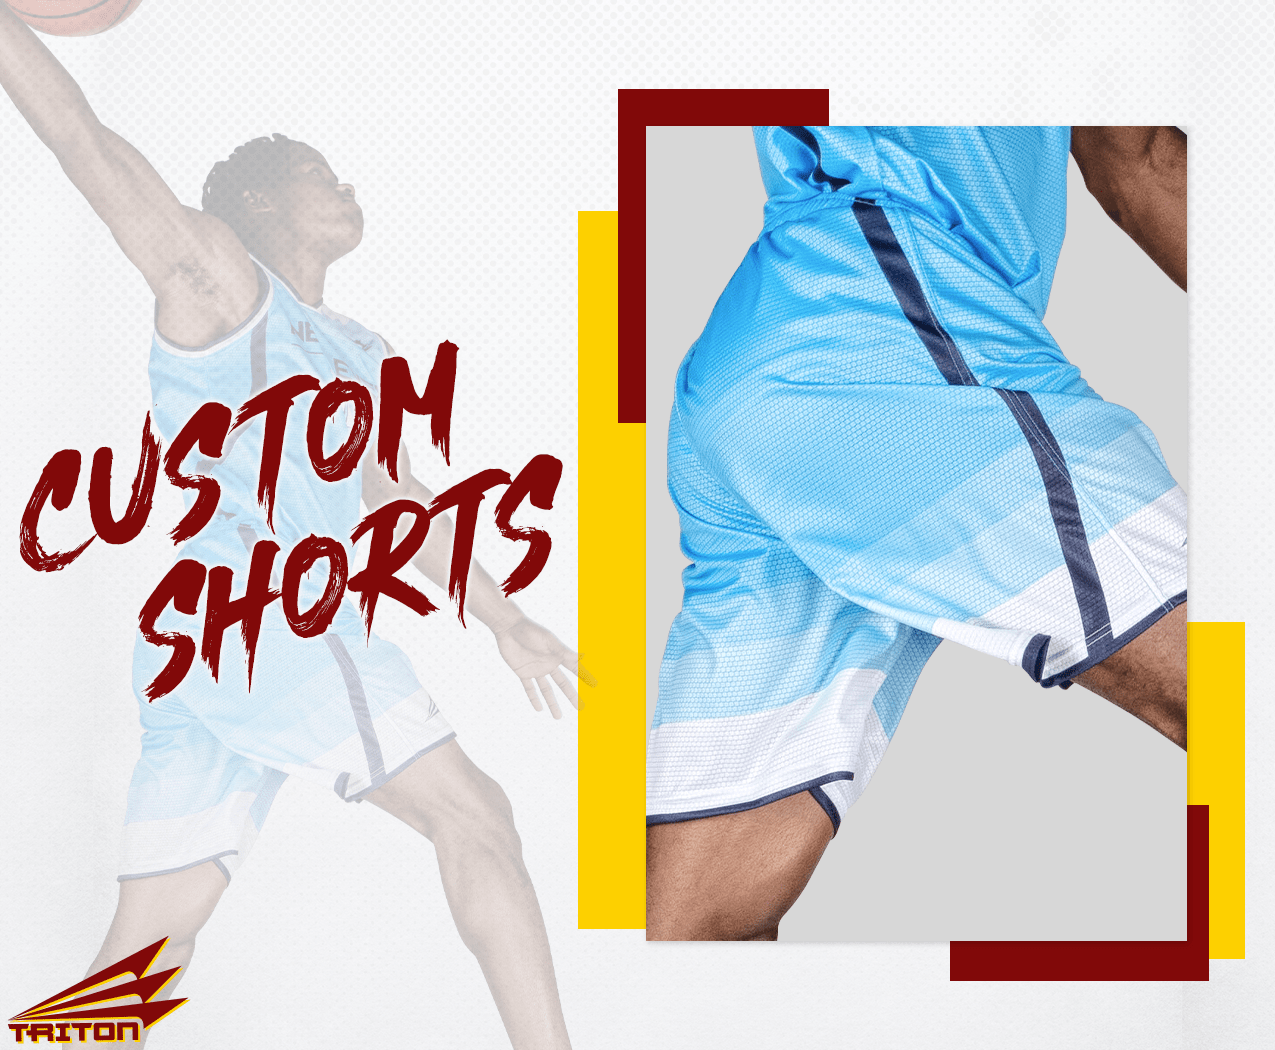 Triton Basketball Shorts